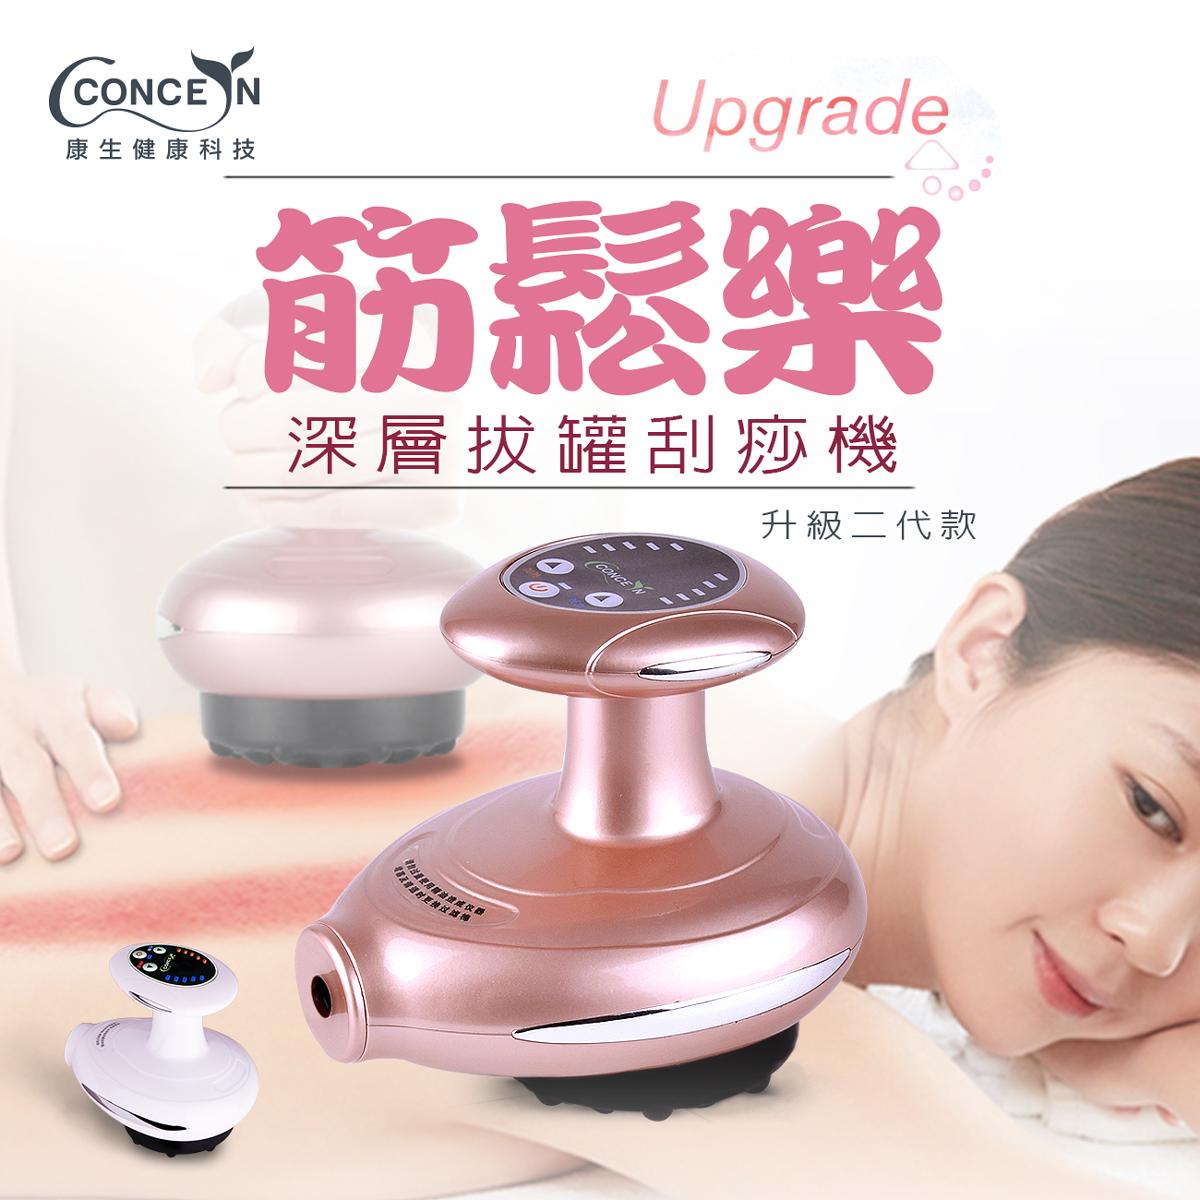 【Concern 康生】筋鬆樂 電動磁波拔罐刮痧美體按摩器 升級二代款 玫瑰金 CM-7508